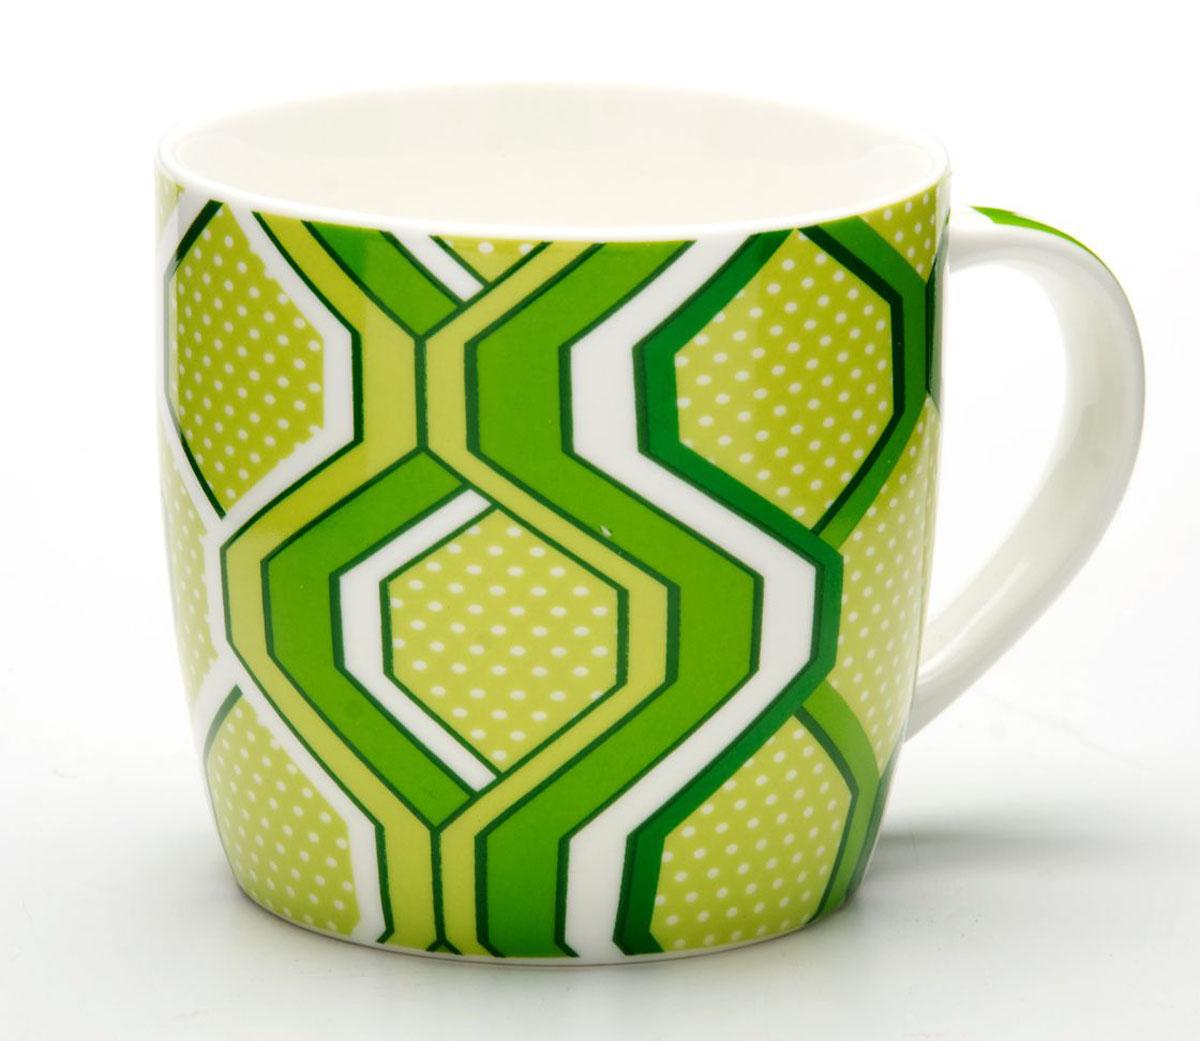 Кружка Loraine, цвет: светло-зеленый, 320 мл. 24487115510Кружка Loraine изготовлена из прочного качественного костяного фарфора. Изделие оформлено красочным рисунком. Благодаря своим термостатическим свойствам, изделие отлично сохраняет температуру содержимого - морозной зимой кружка будет согревать вас горячим чаем, а знойным летом, напротив, радовать прохладными напитками. Такой аксессуар создаст атмосферу тепла и уюта, настроит на позитивный лад и подарит хорошее настроение с самого утра. Это оригинальное изделие идеально подойдет в подарок близкому человеку. Диаметр (по верхнему краю): 8,5 см.Высота кружки: 8,2 см. Объем: 320 мл.